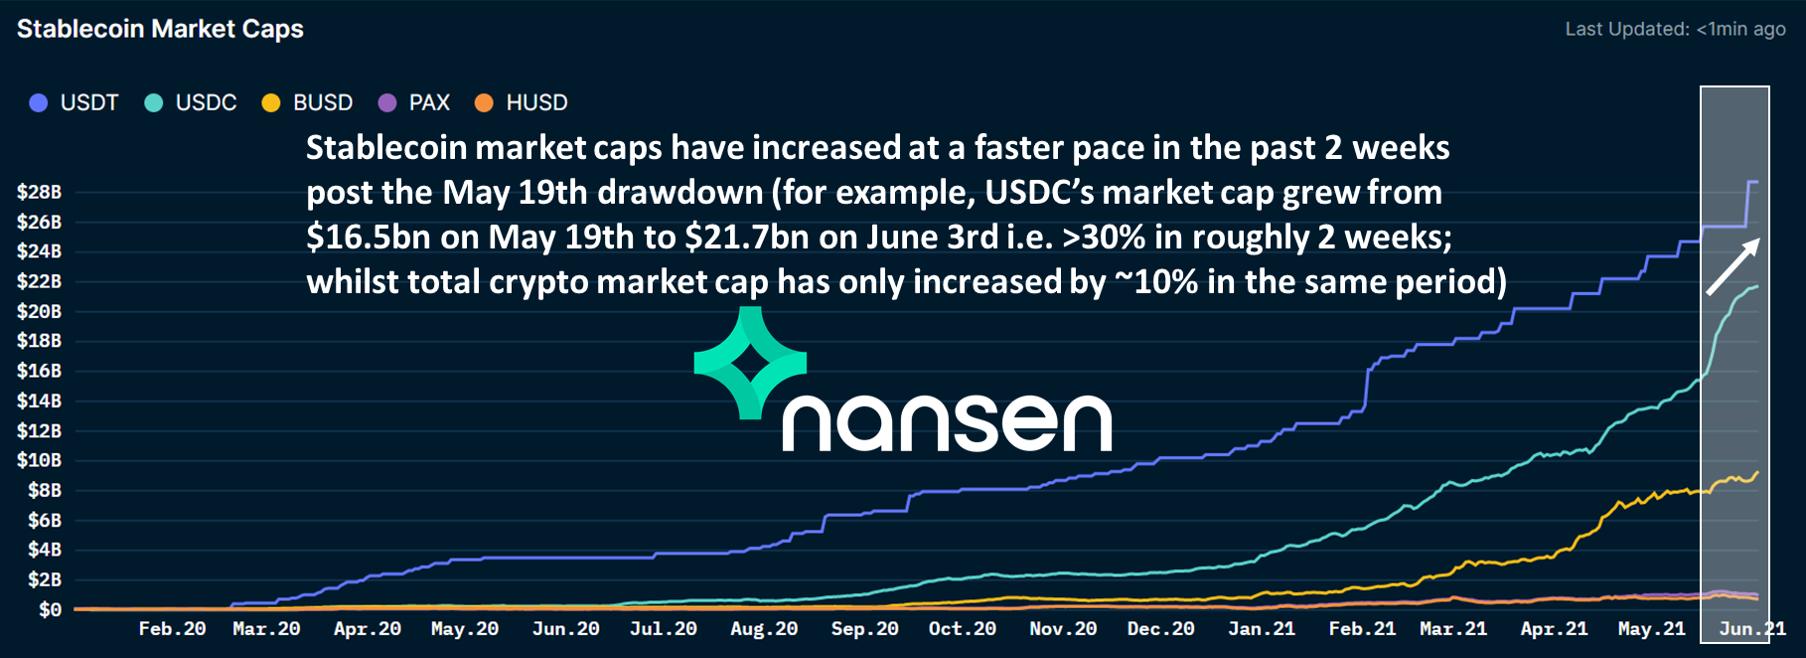 Nansen - Stablecoin Market Caps